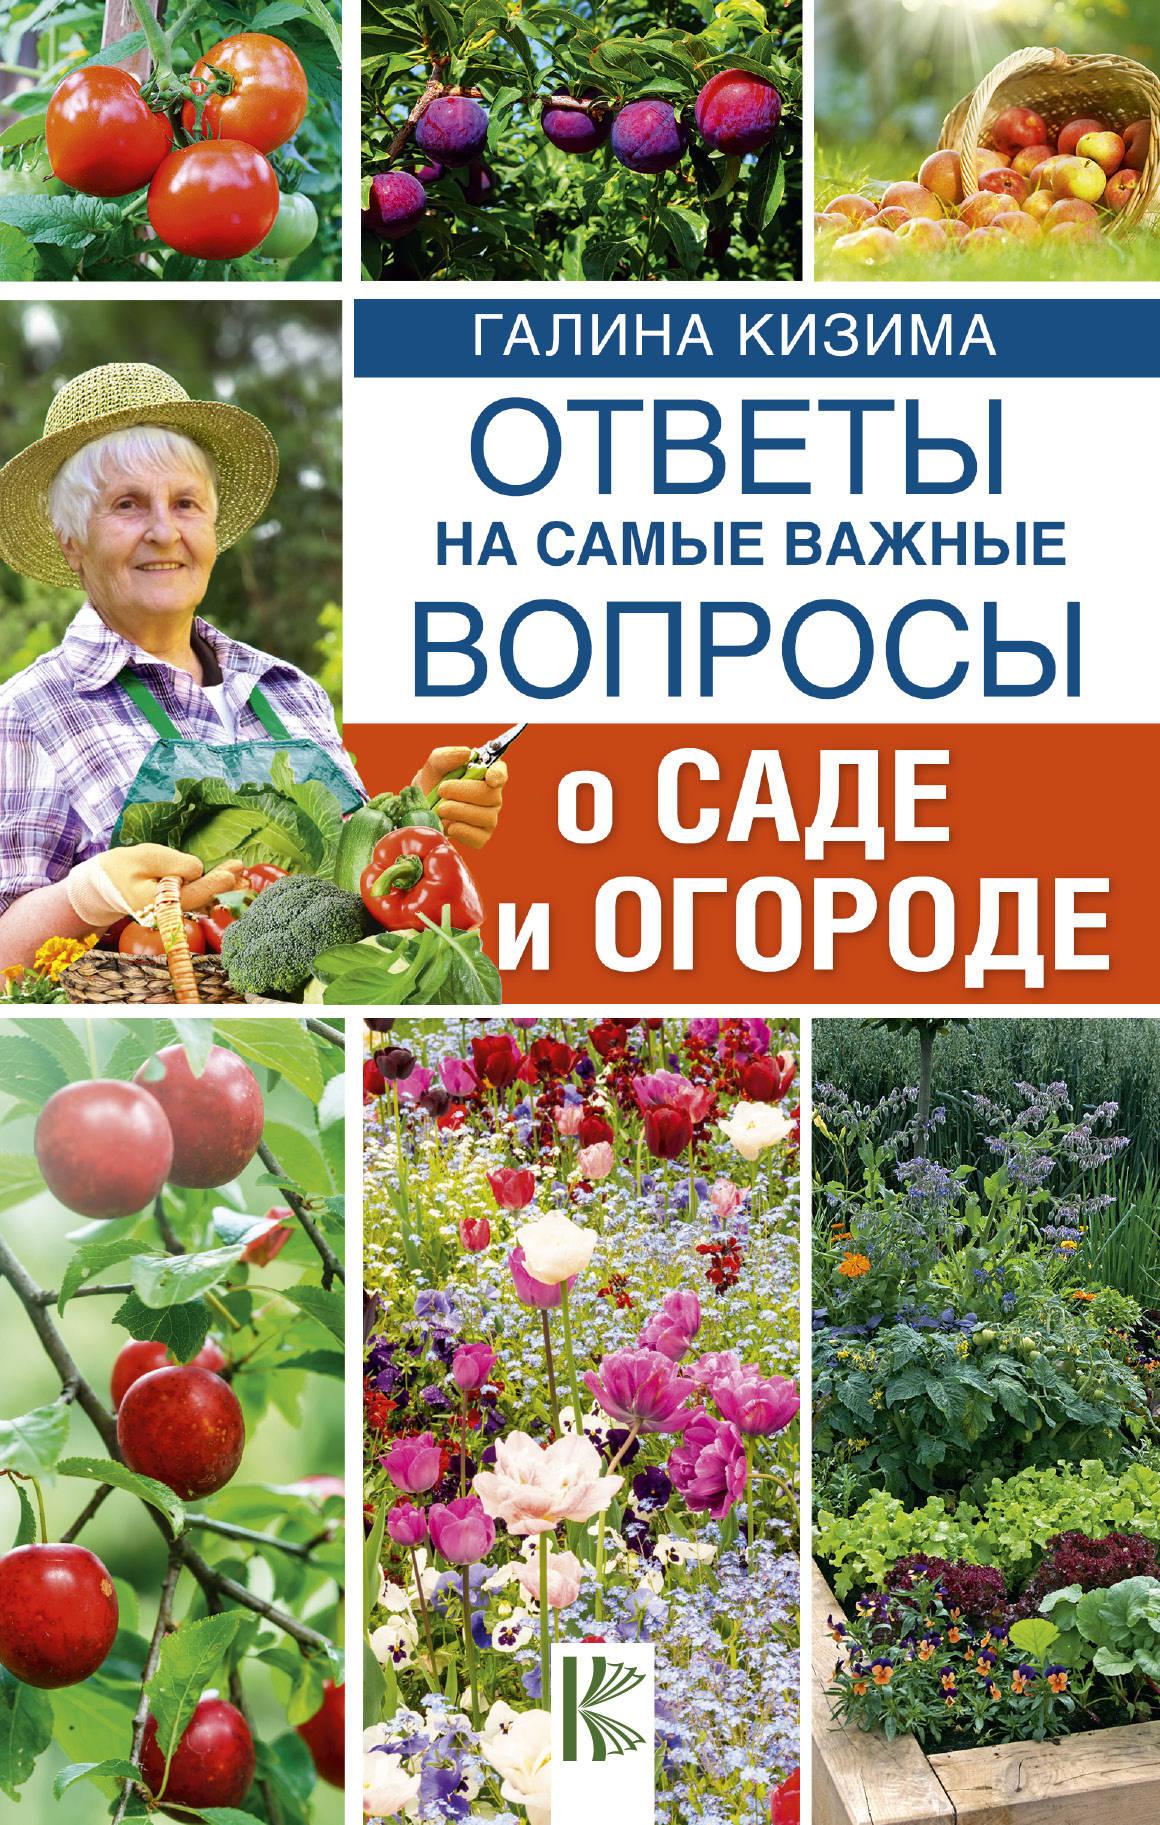 купить Галина Кизима Ответы на самые важные вопросы о саде и огороде по цене 100 рублей